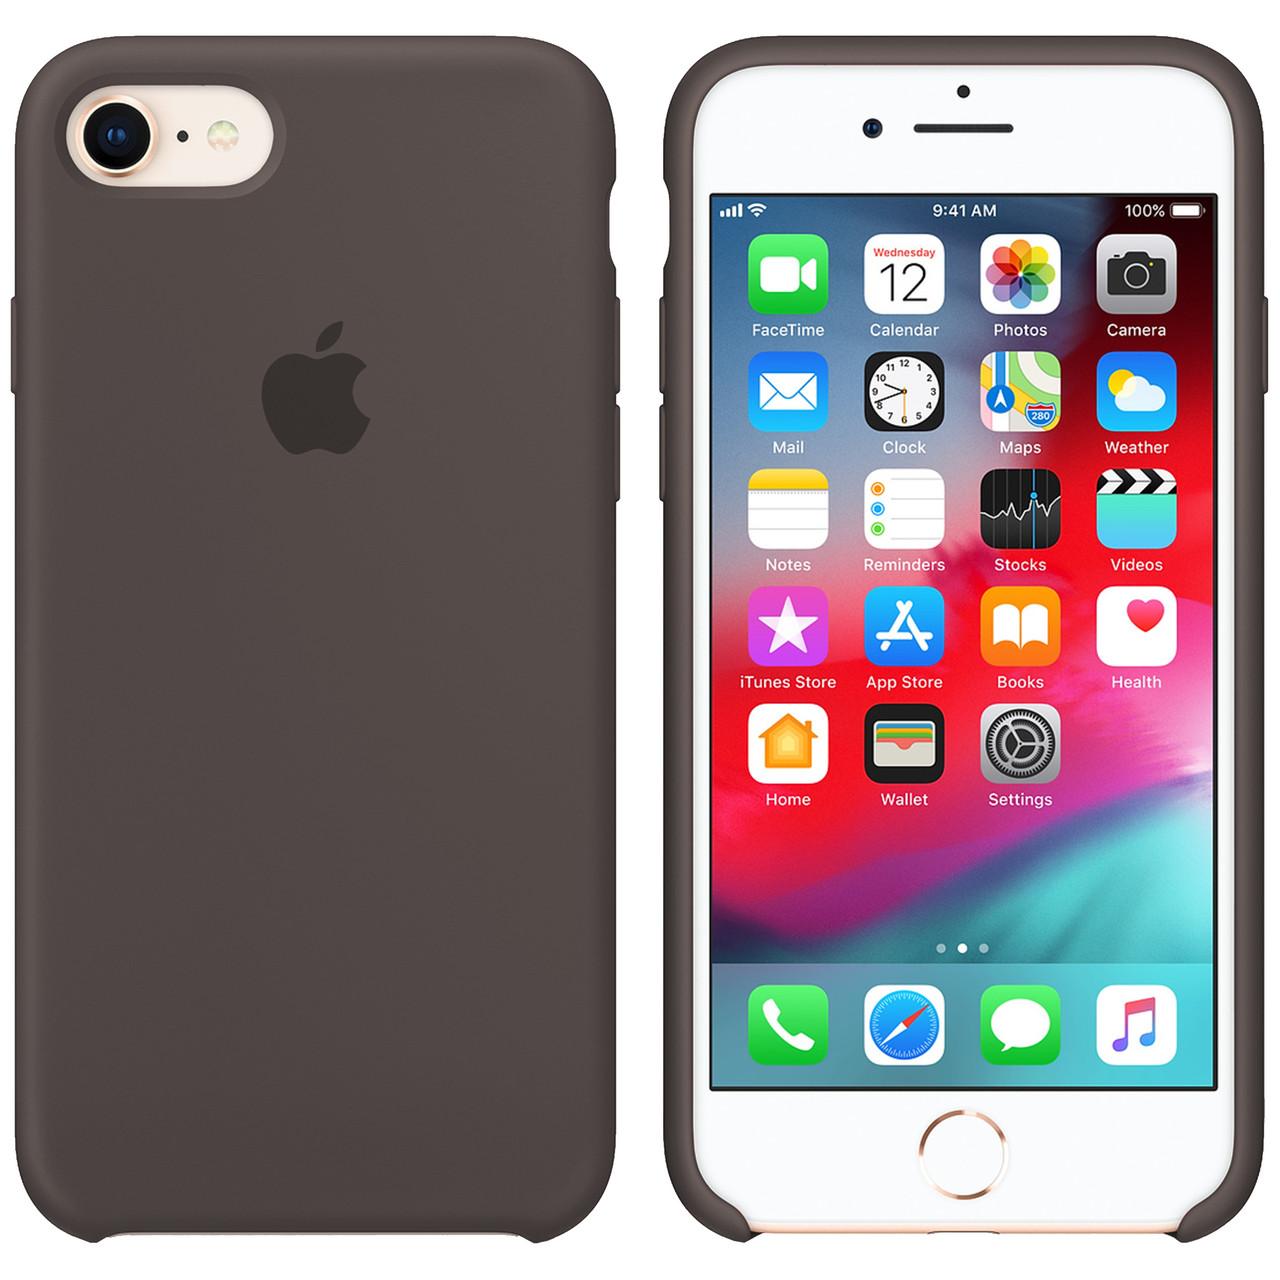 Силиконовый чехол для Apple iPhone 7 / 8 Silicone case (Коричневый)